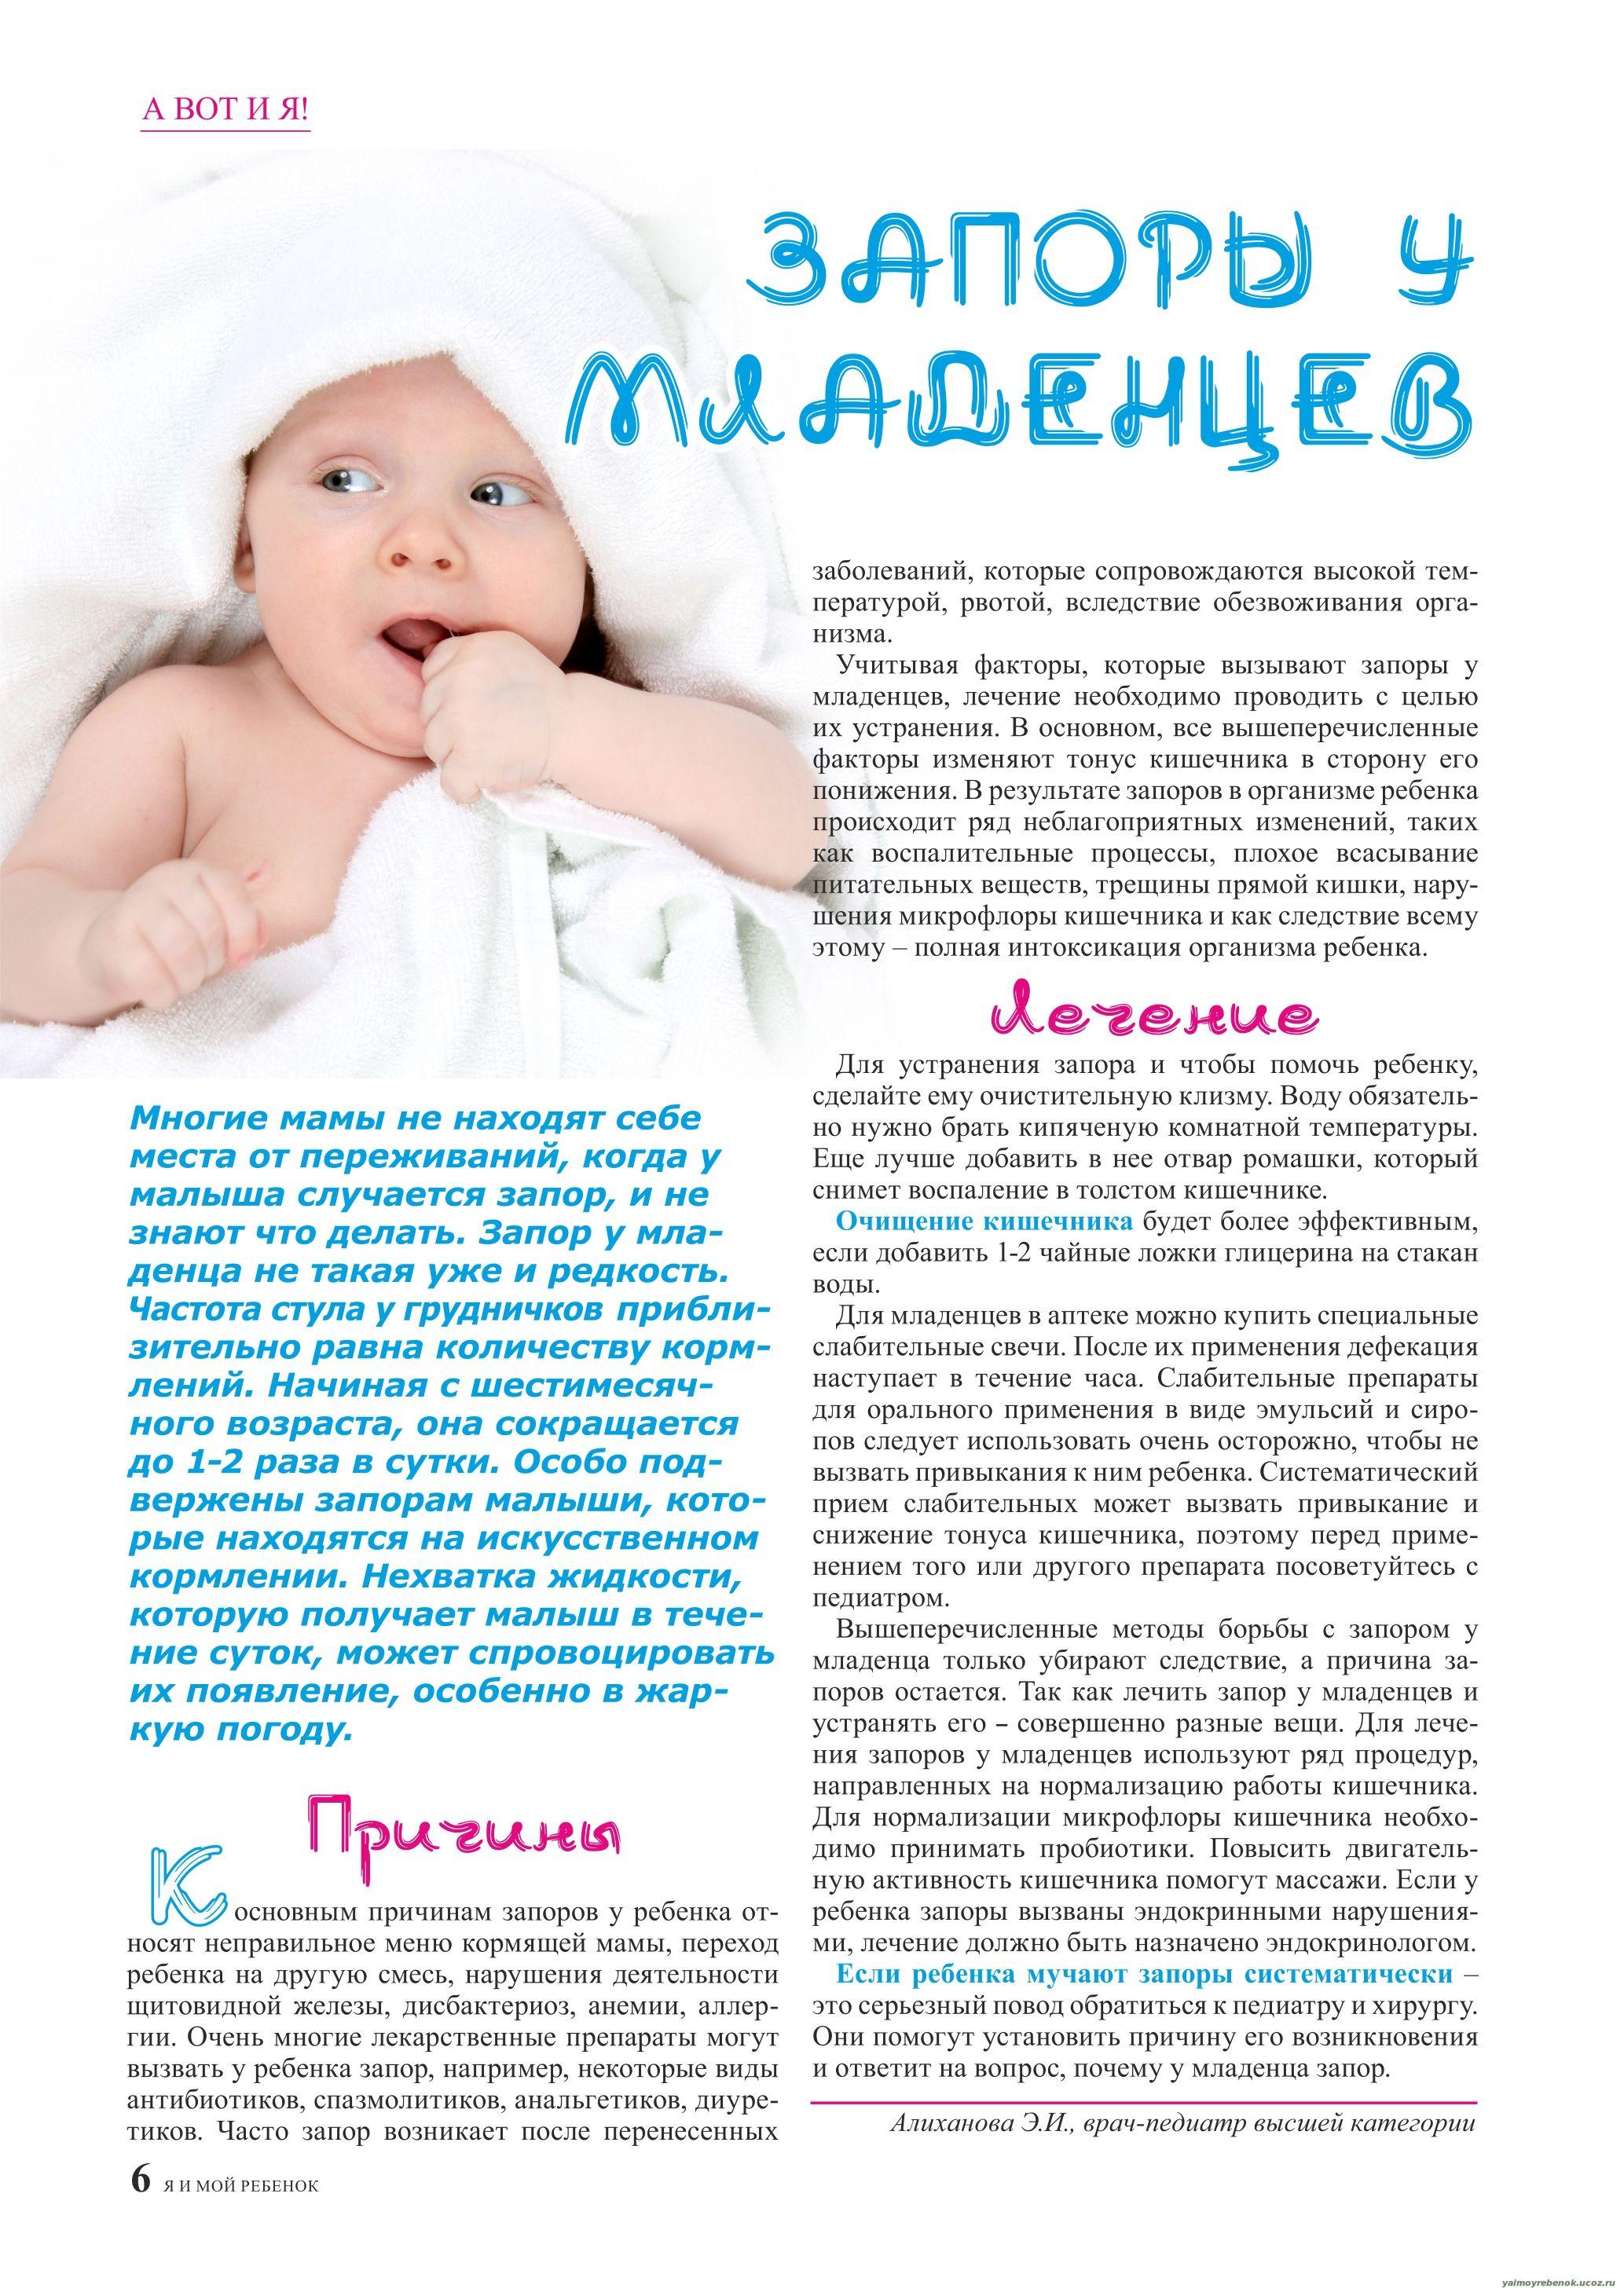 Запоры у новорождённого при грудном вскармливании — что делать для их устранения